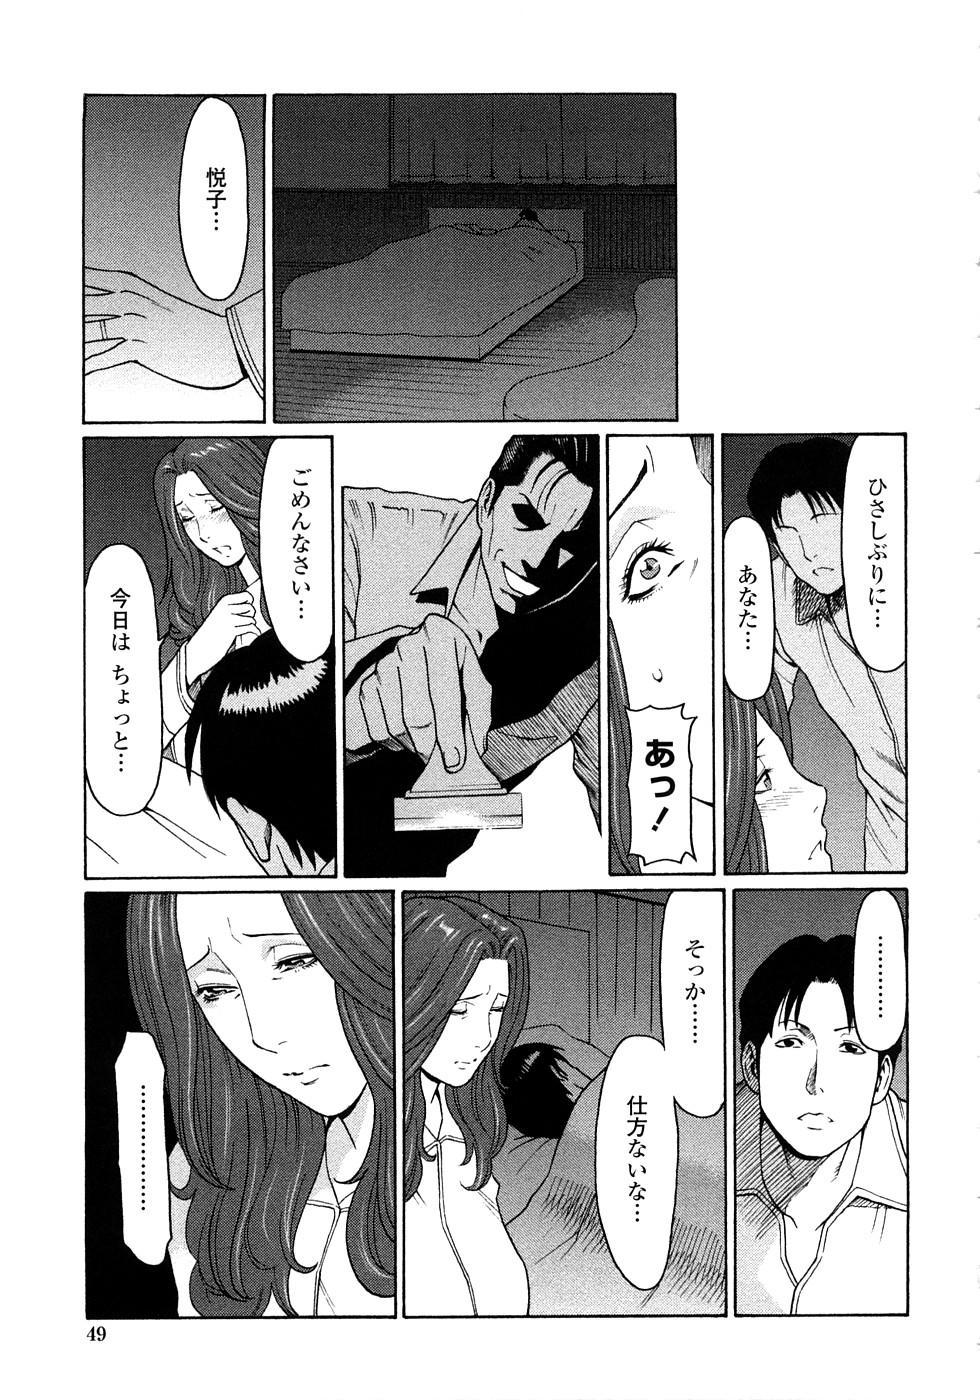 Etsuraku no Tobira - The Door of Sexual Pleasure 47